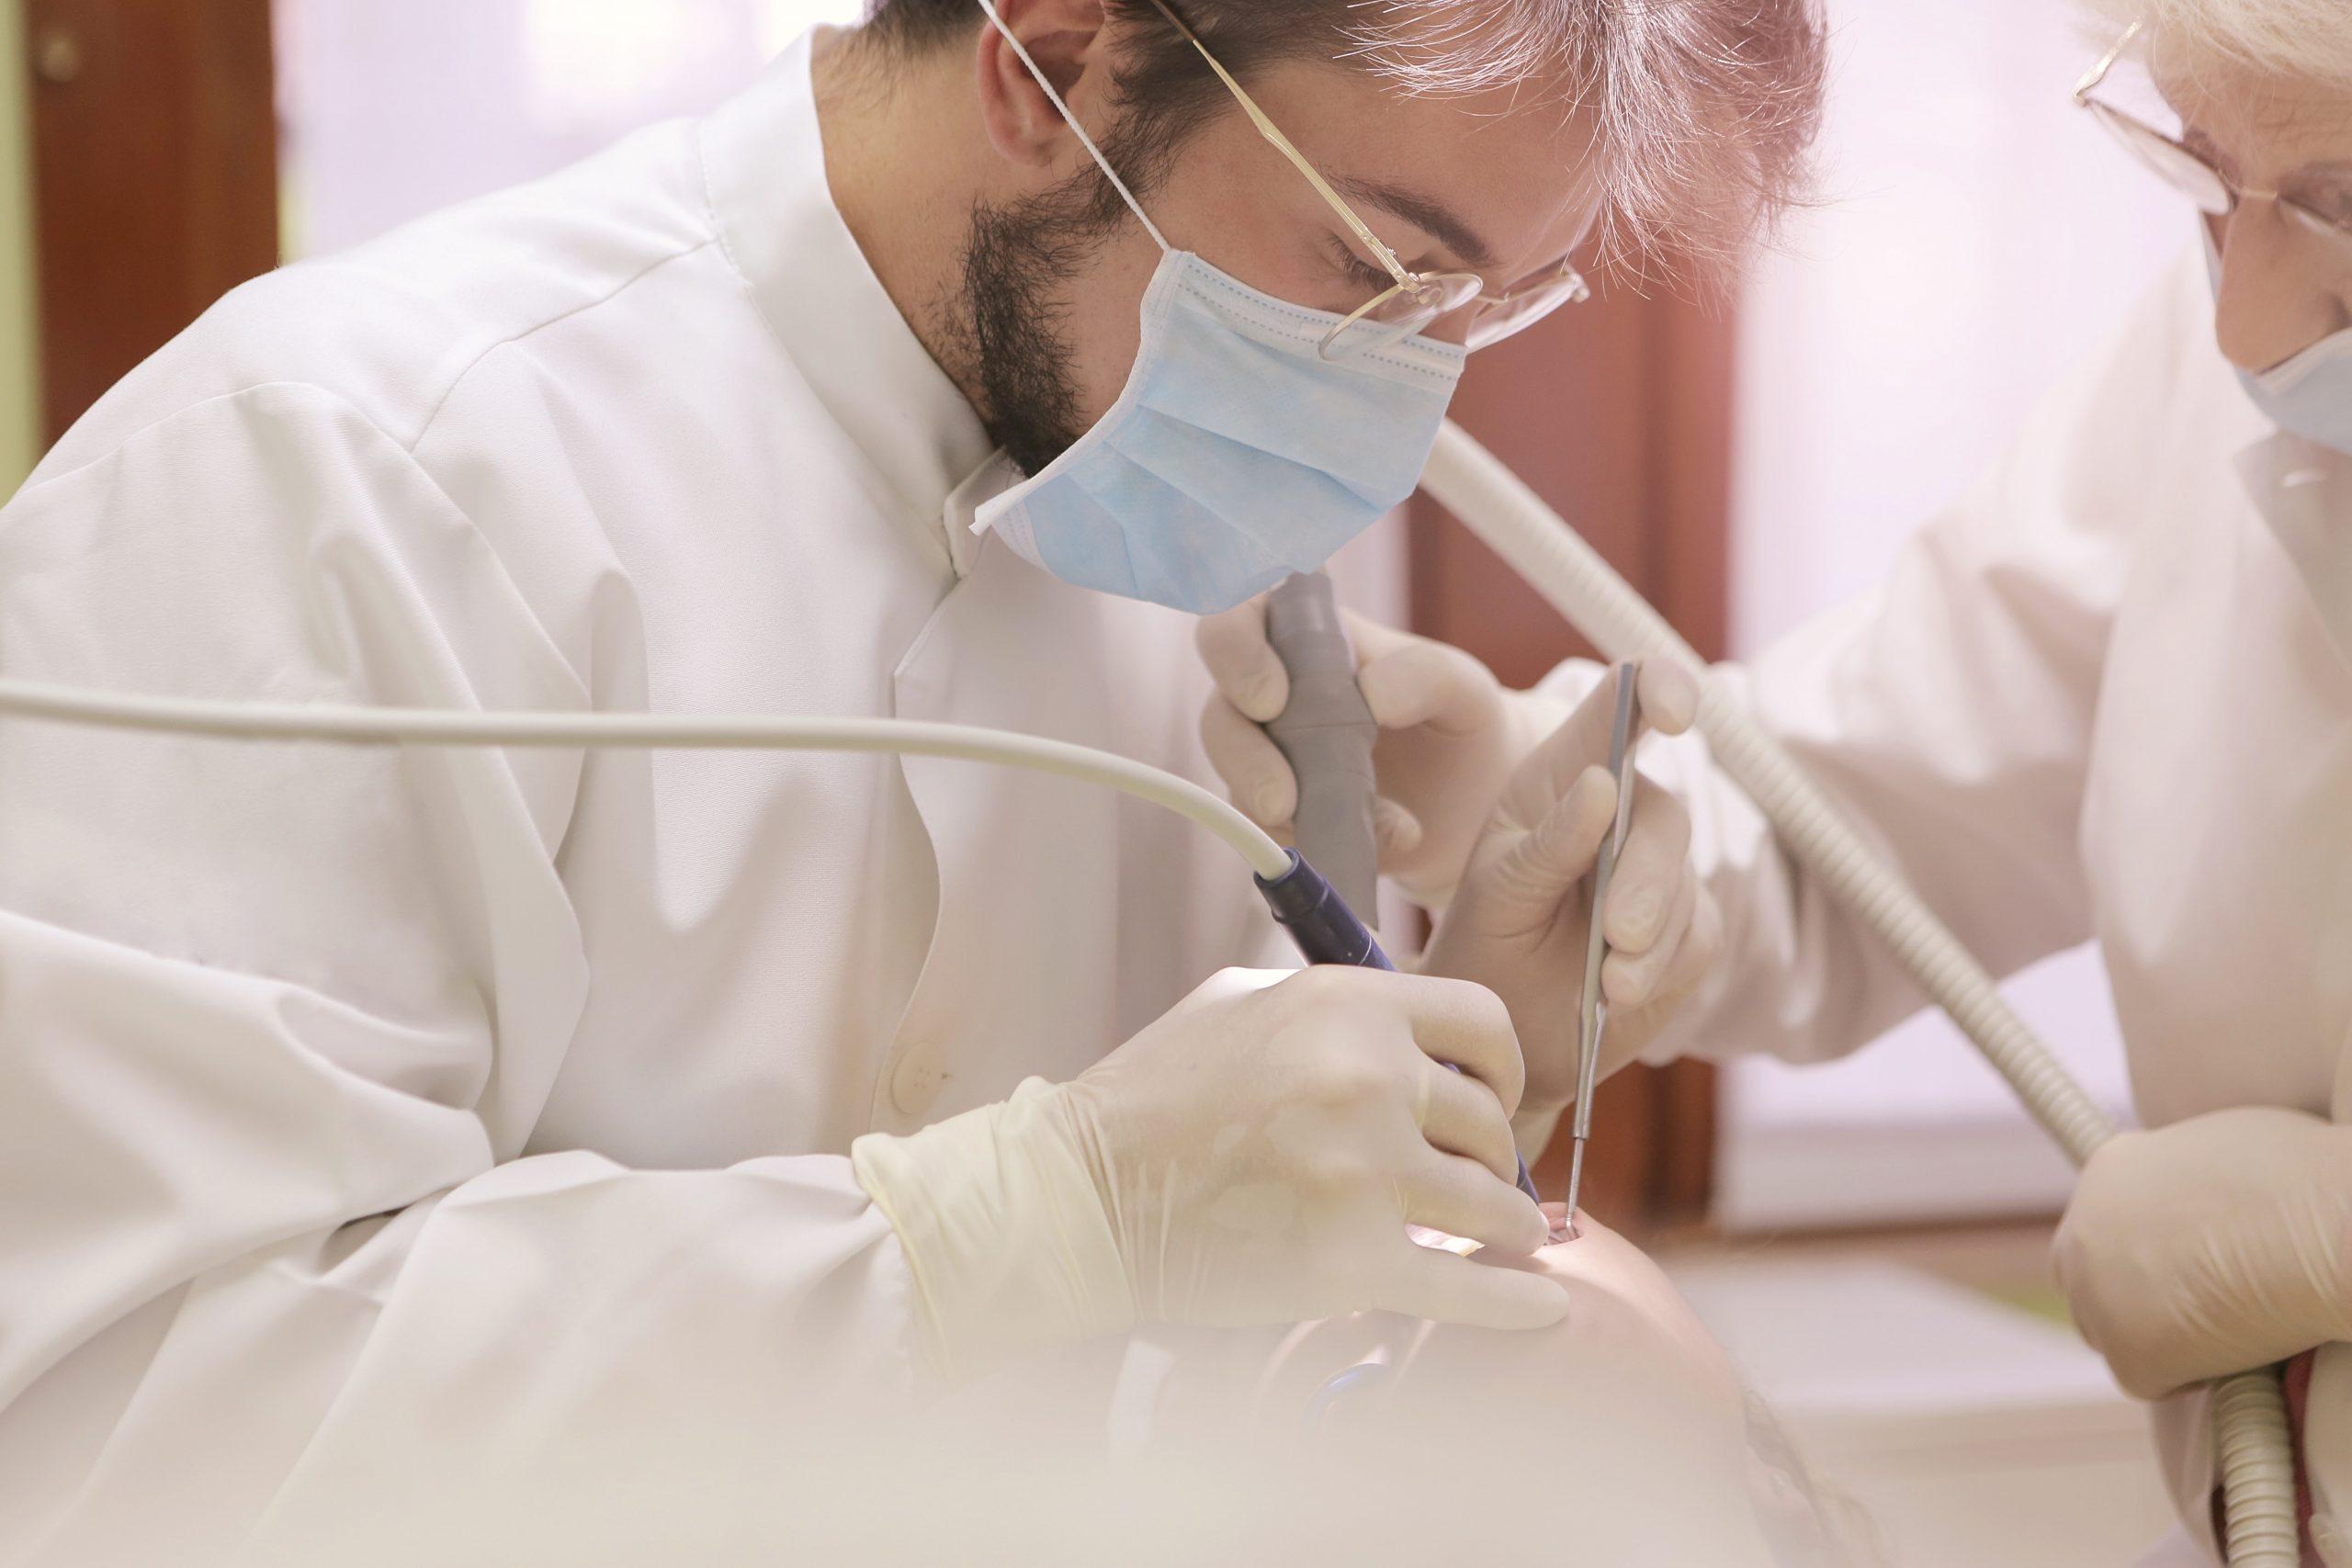 Reguli de respectat pentru protecția medicilor stomatologi